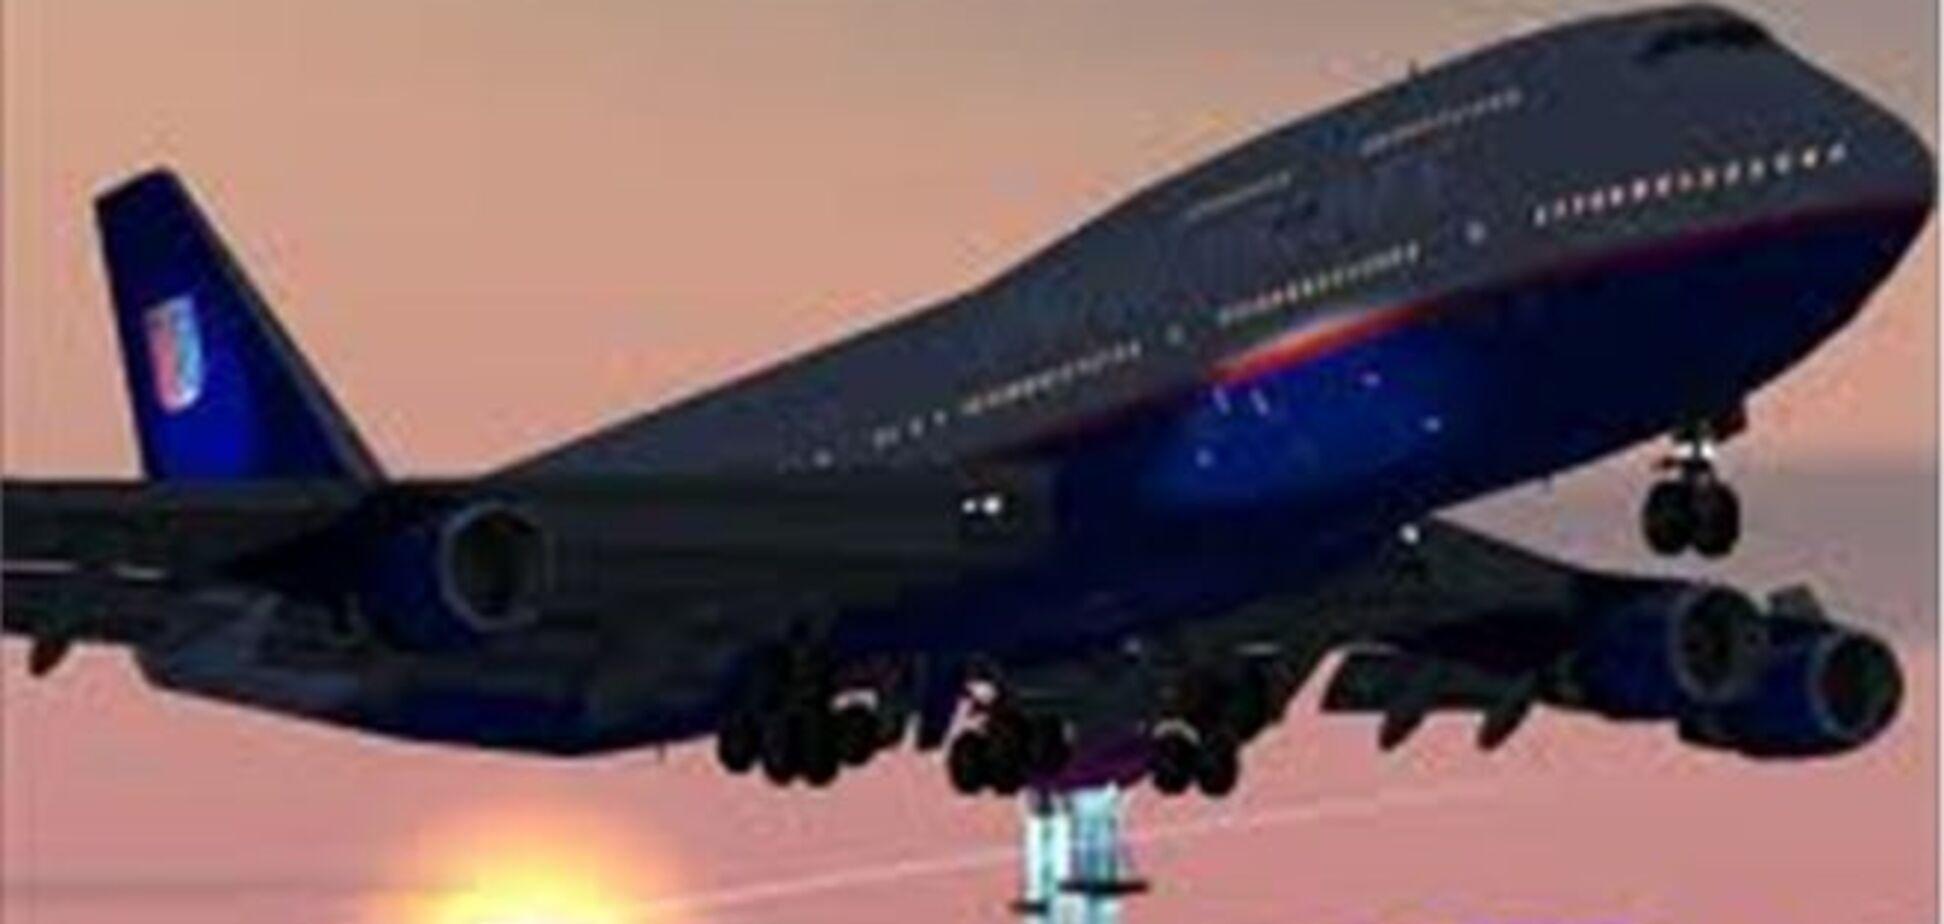 Помилка співробітників: авіакомпанія продавала квитки по п'ять доларів